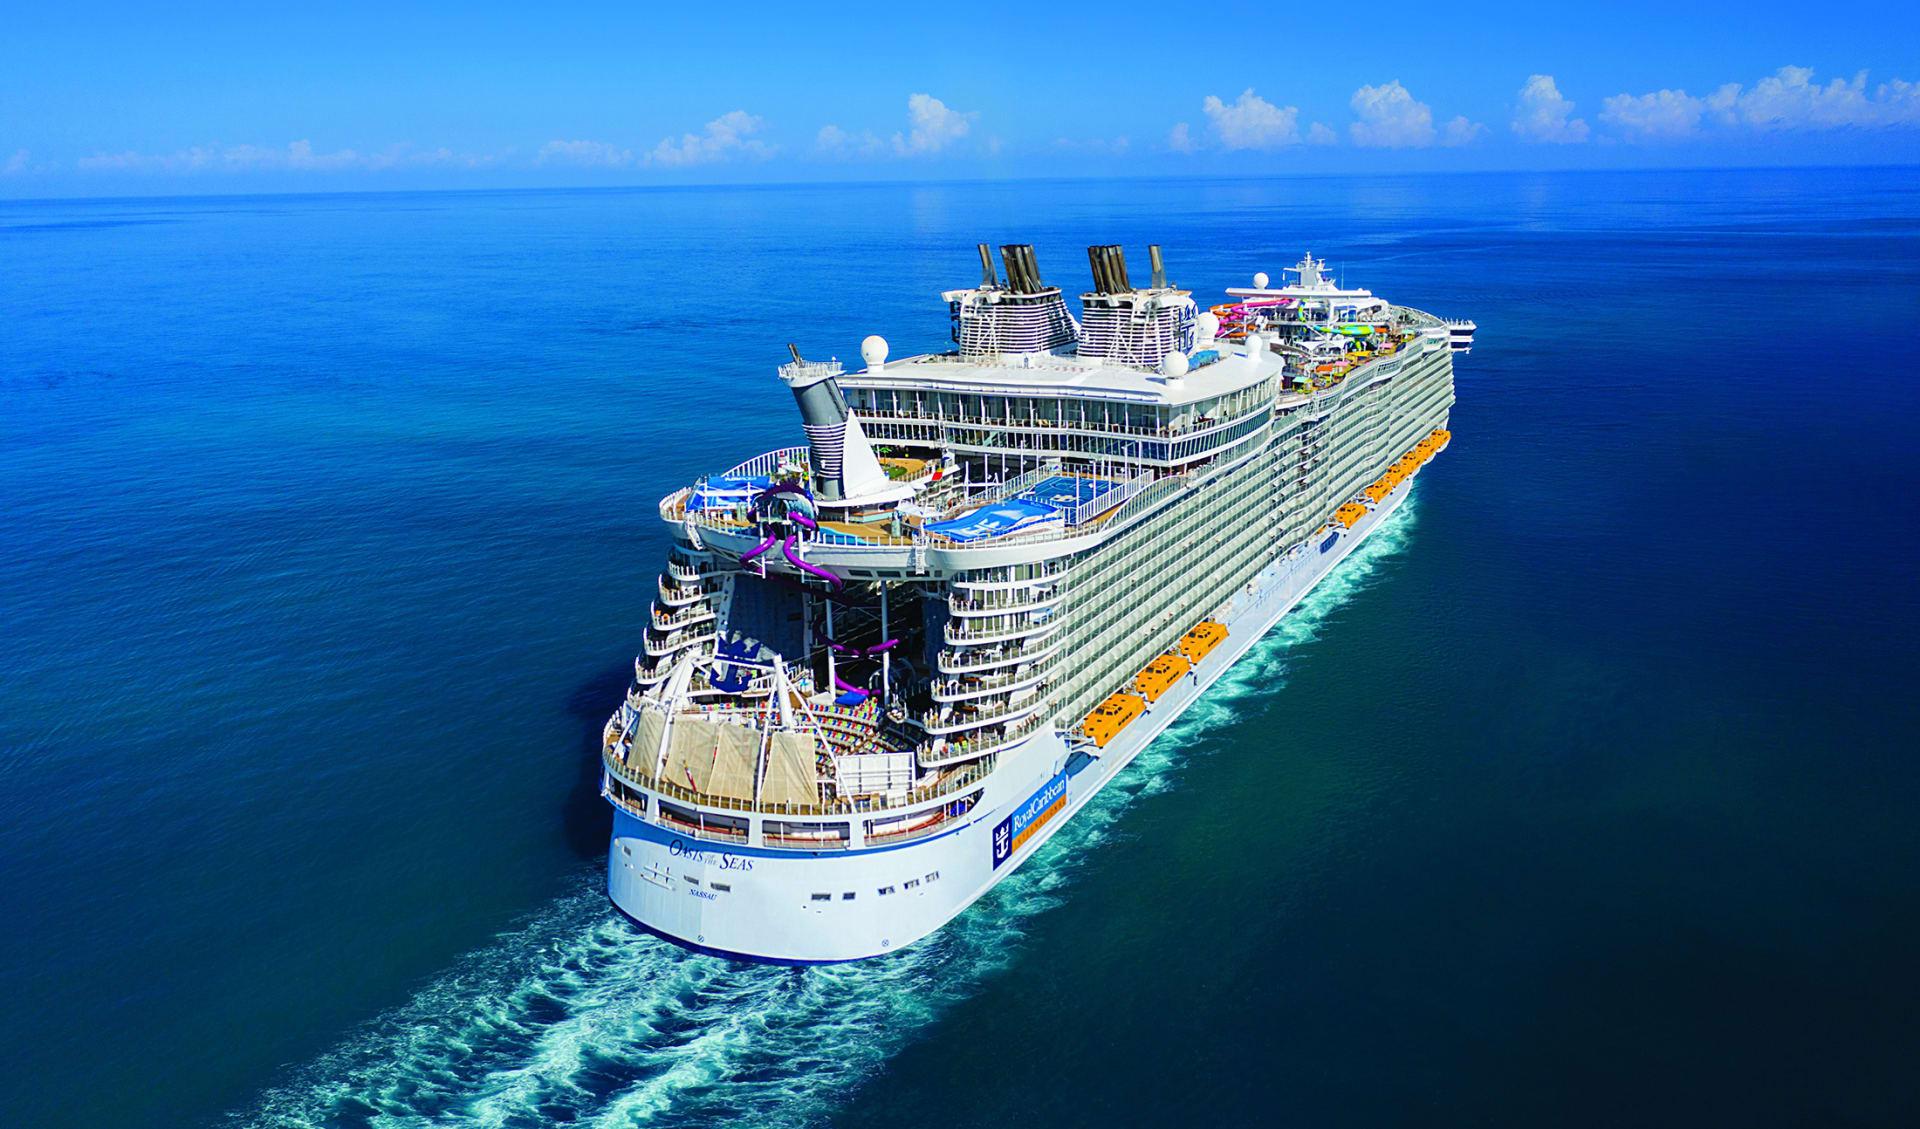 Royal Caribbean InternationalKreuzfahrt